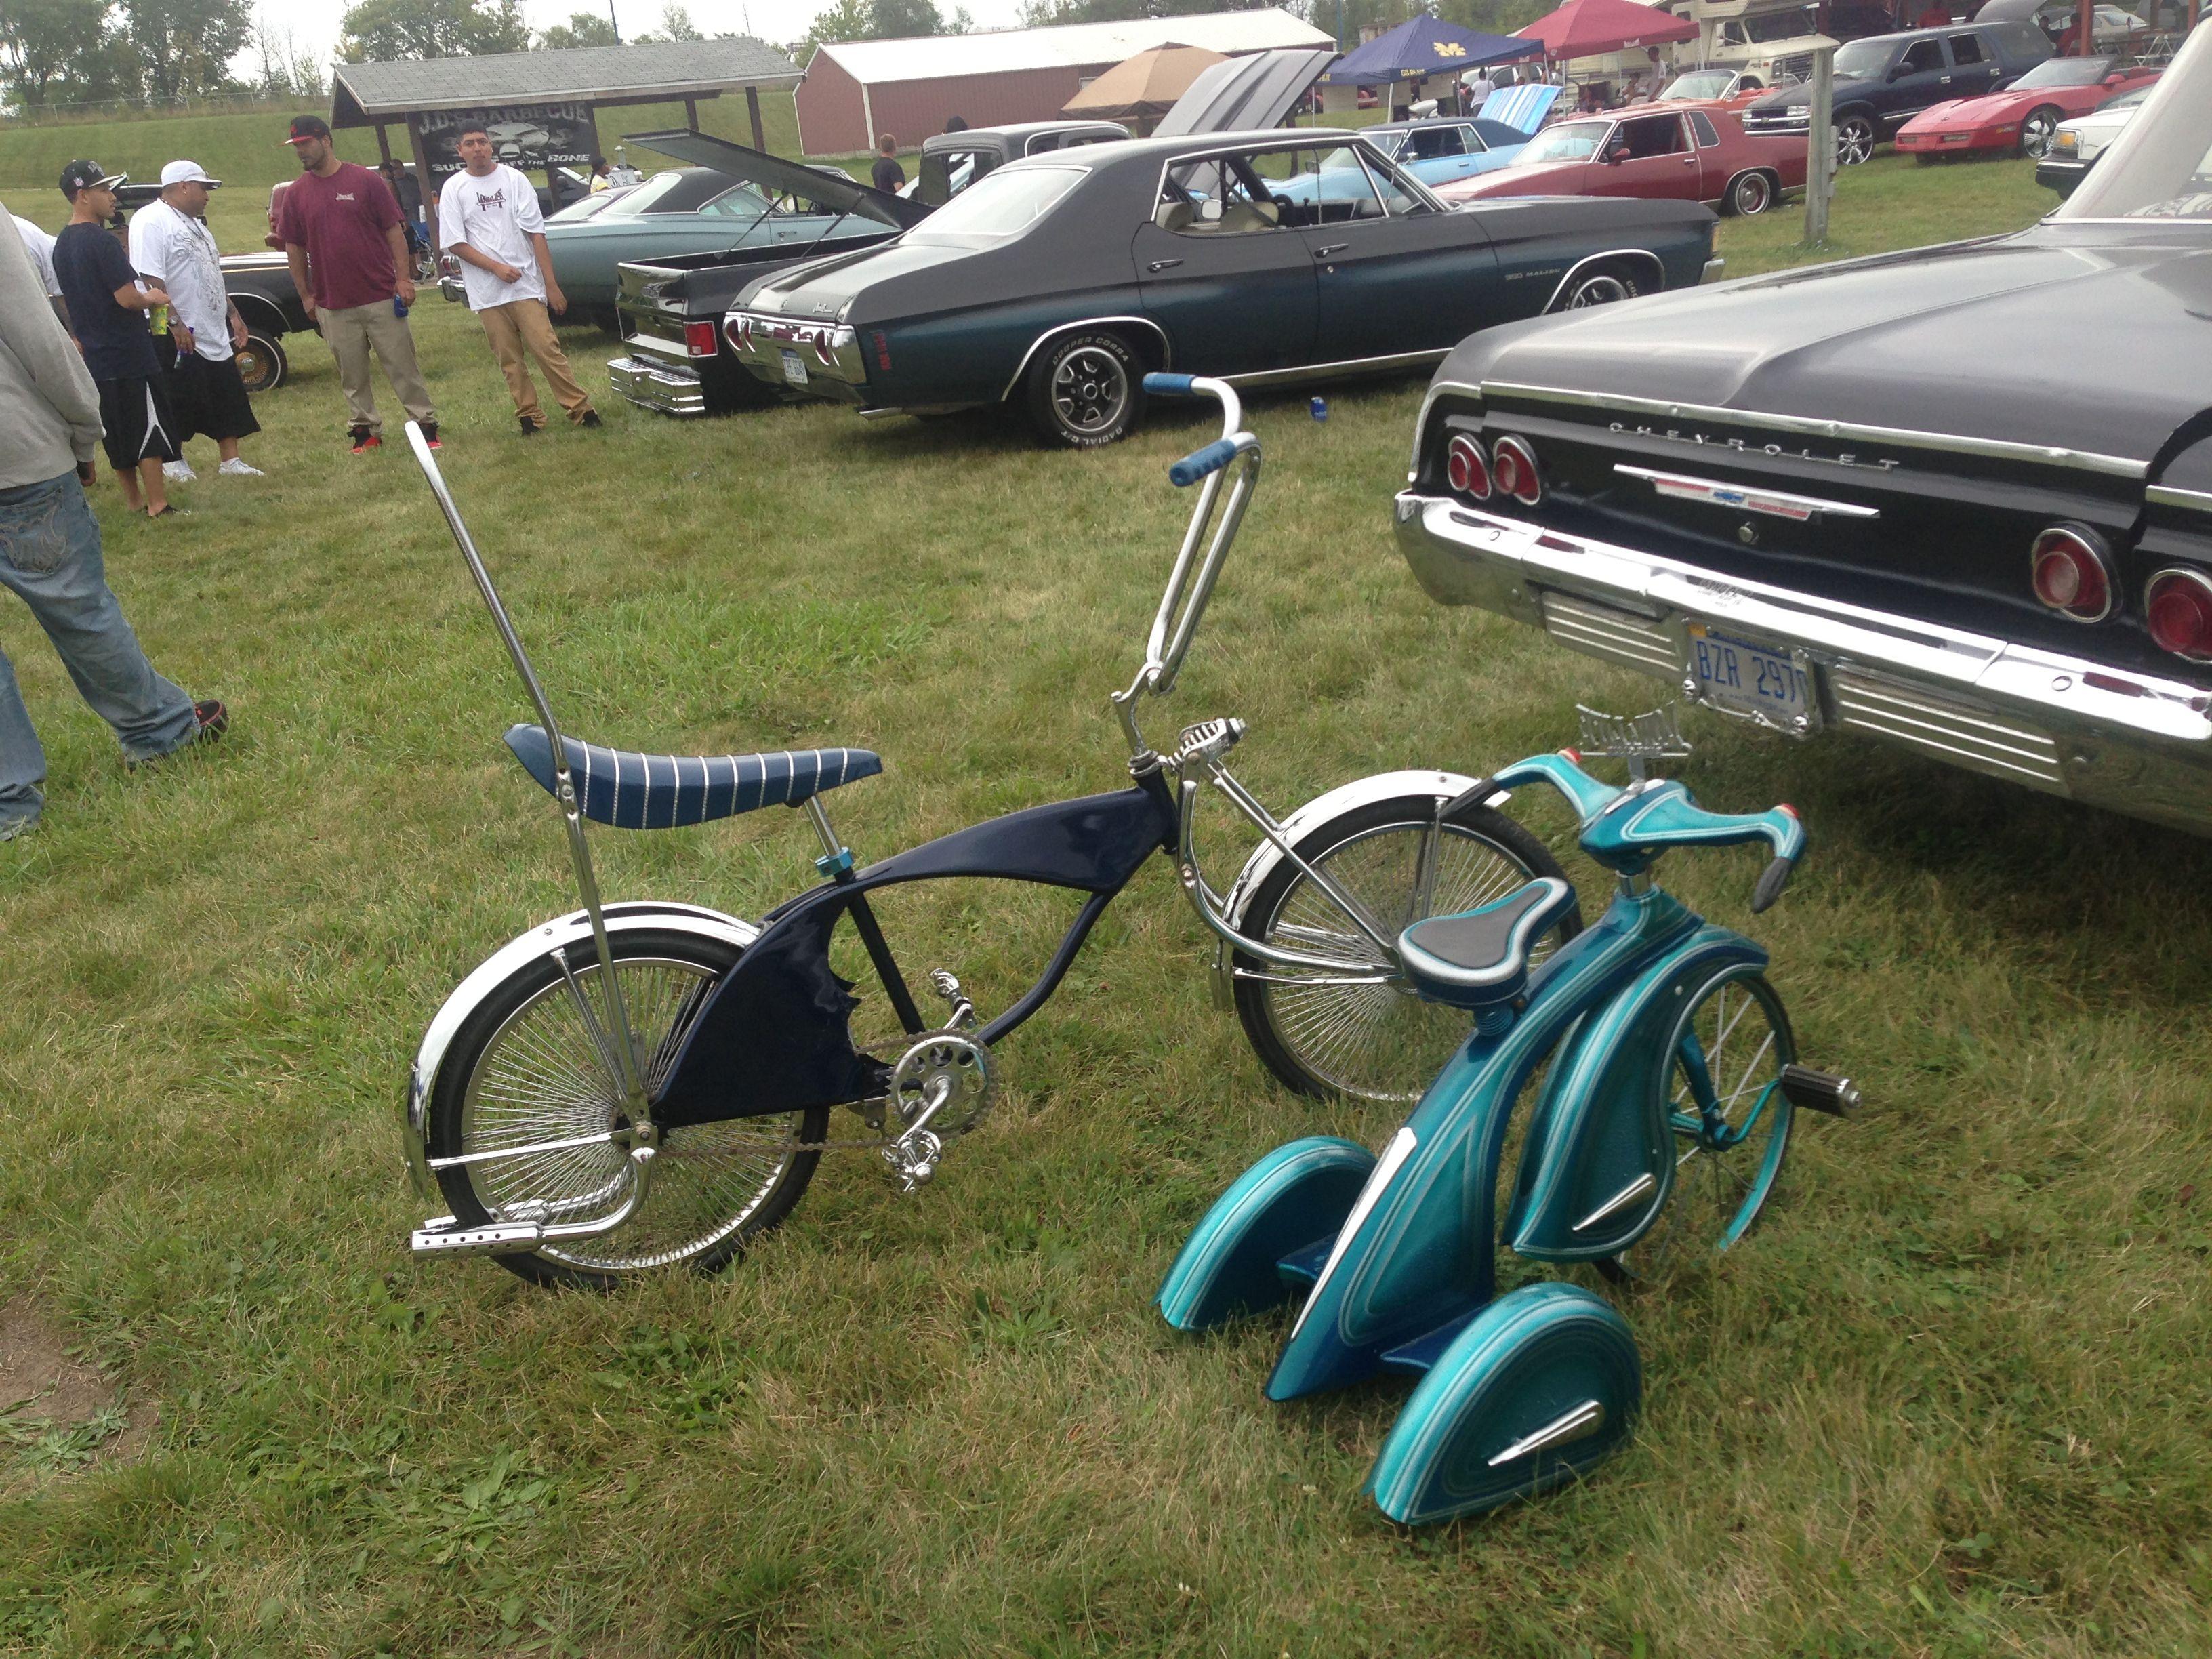 Really cool bike & trike lowriders :)